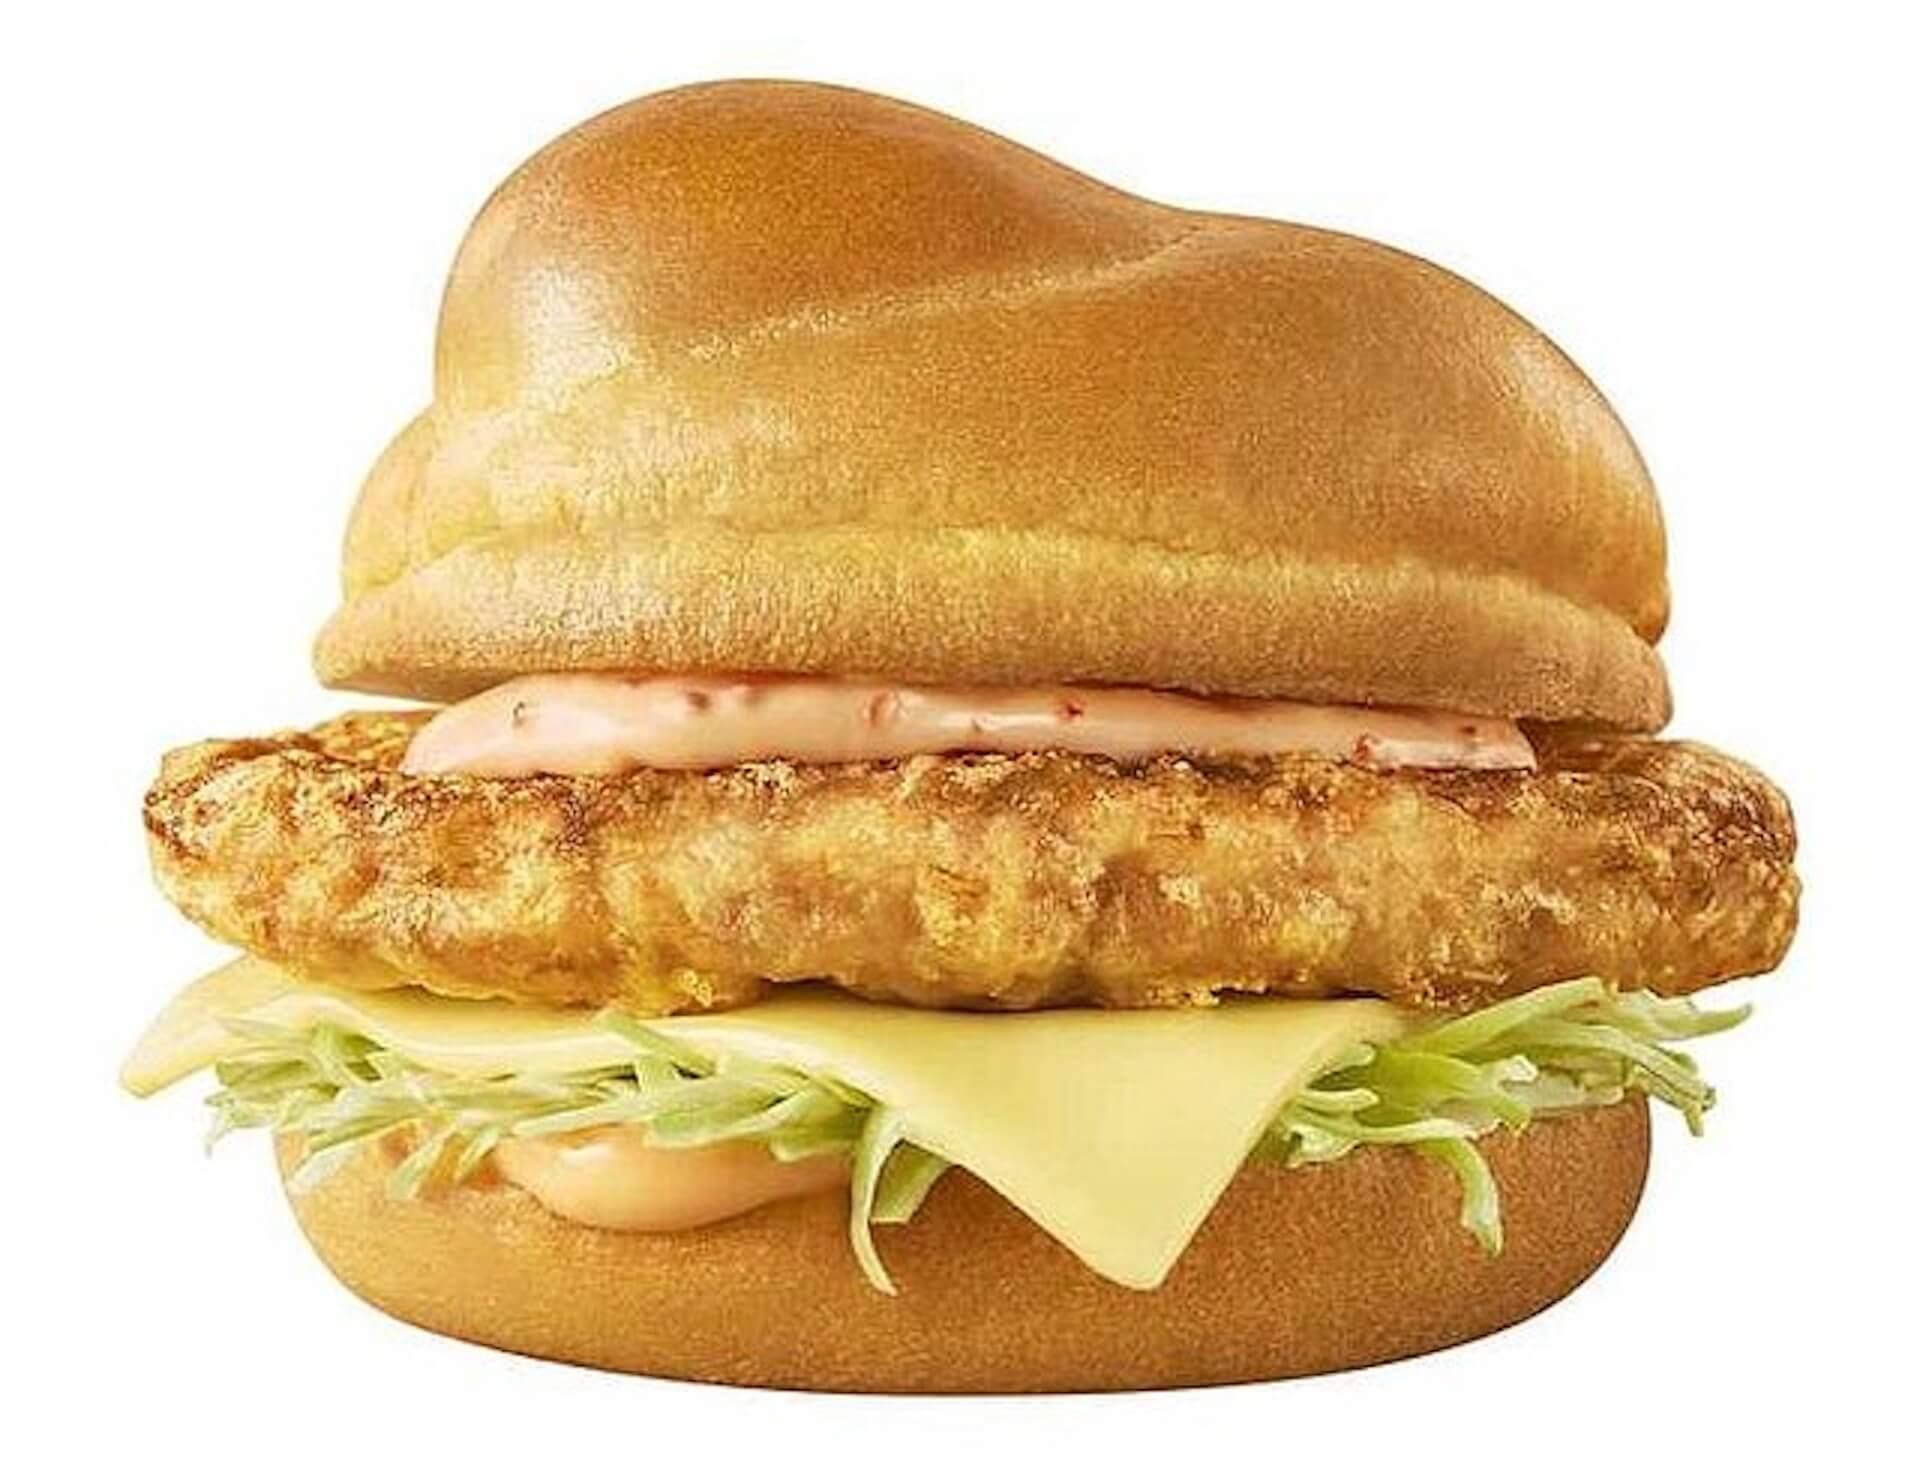 マクドナルドの限定定番商品「チキンタツタ」がついに本日発売!新商品も登場&2,000円分のマックカードが当たるキャンペーンも gourmet200513_mcdonald_4